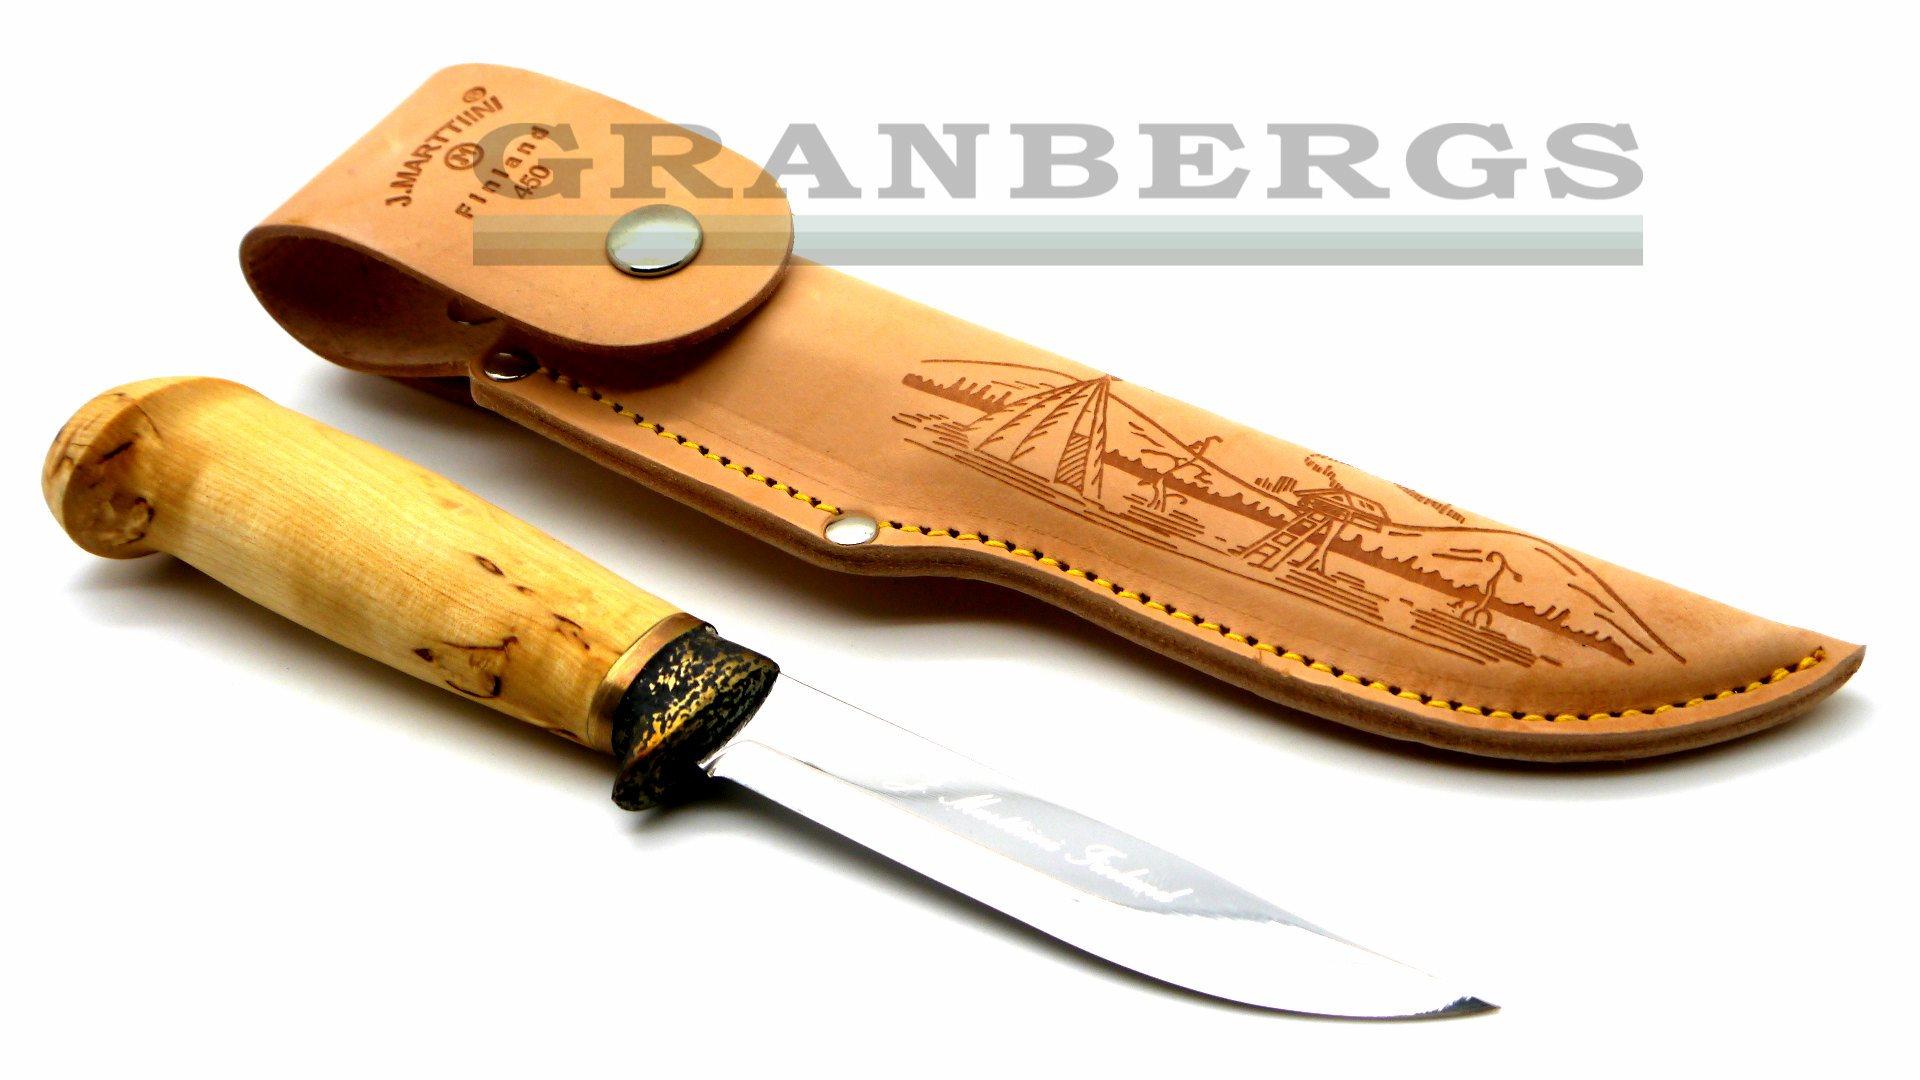 Granbergs - Marttiini Jagdmesser Hunters Knife 450012